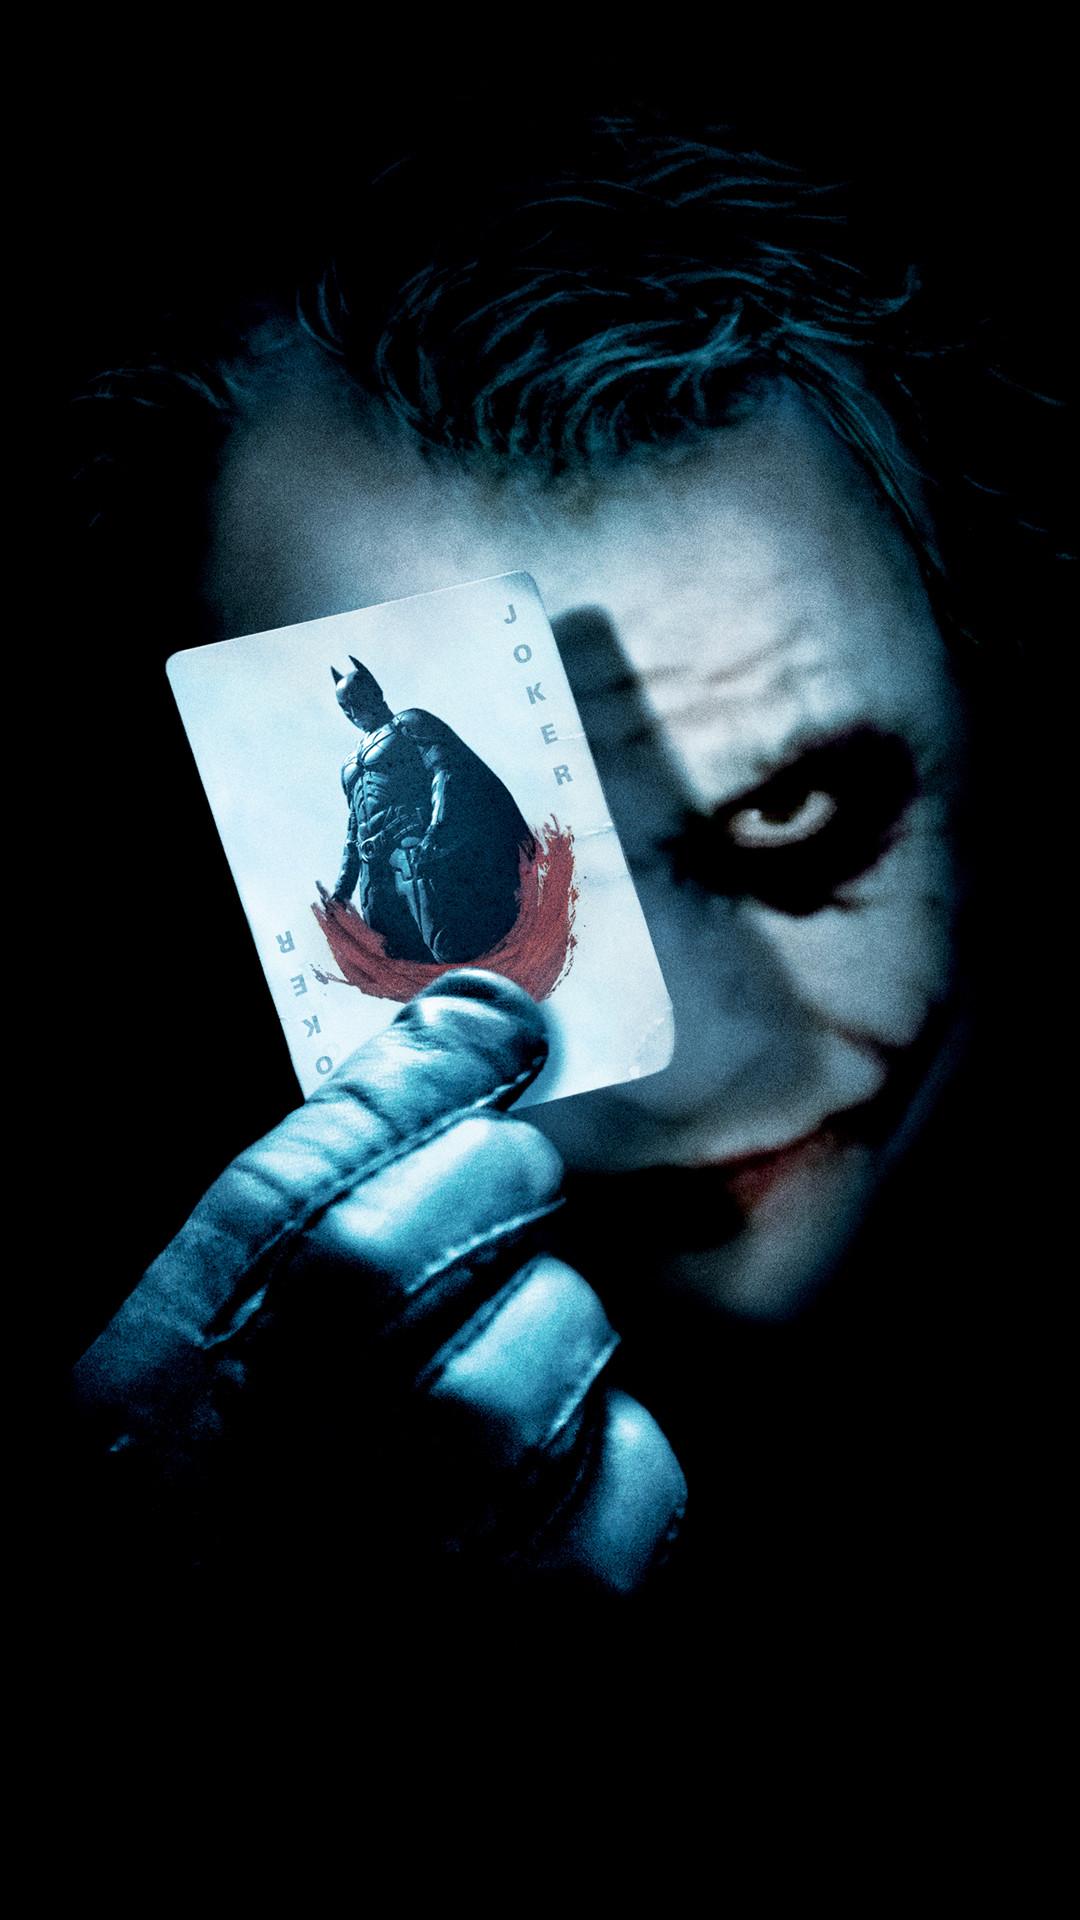 Joker Cell Phone Wallpaper